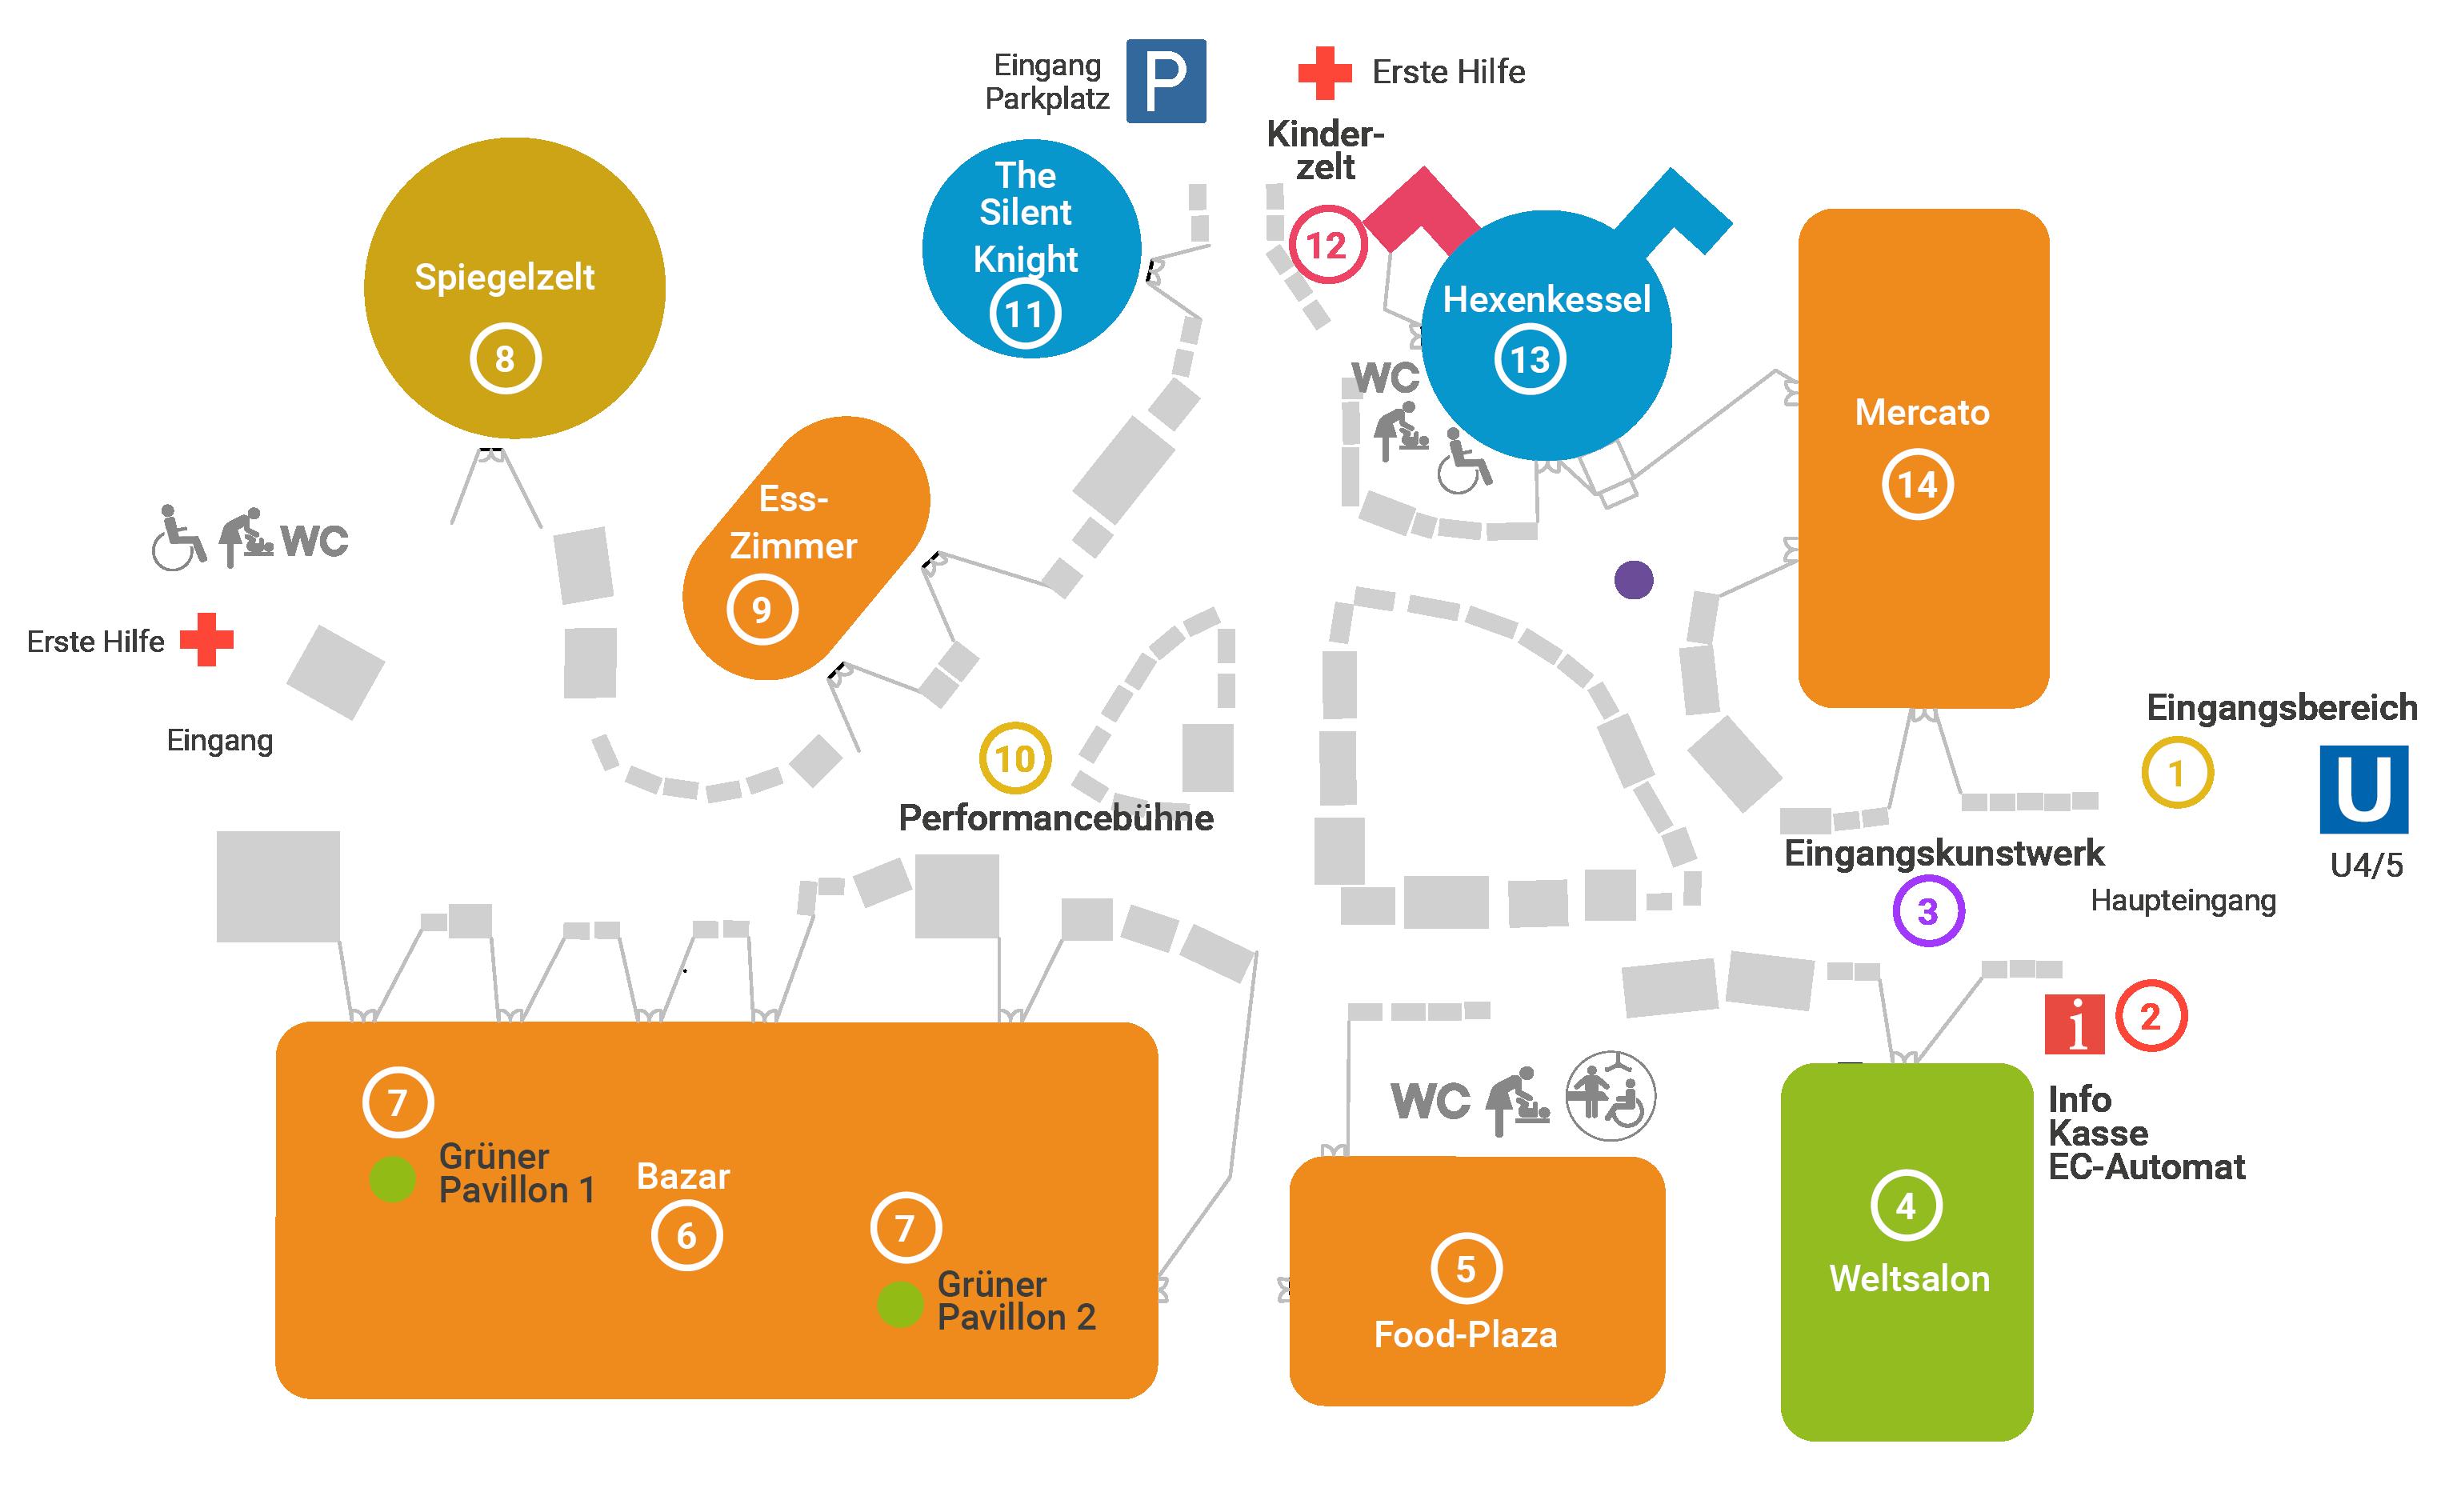 Plan des Winterfestivals